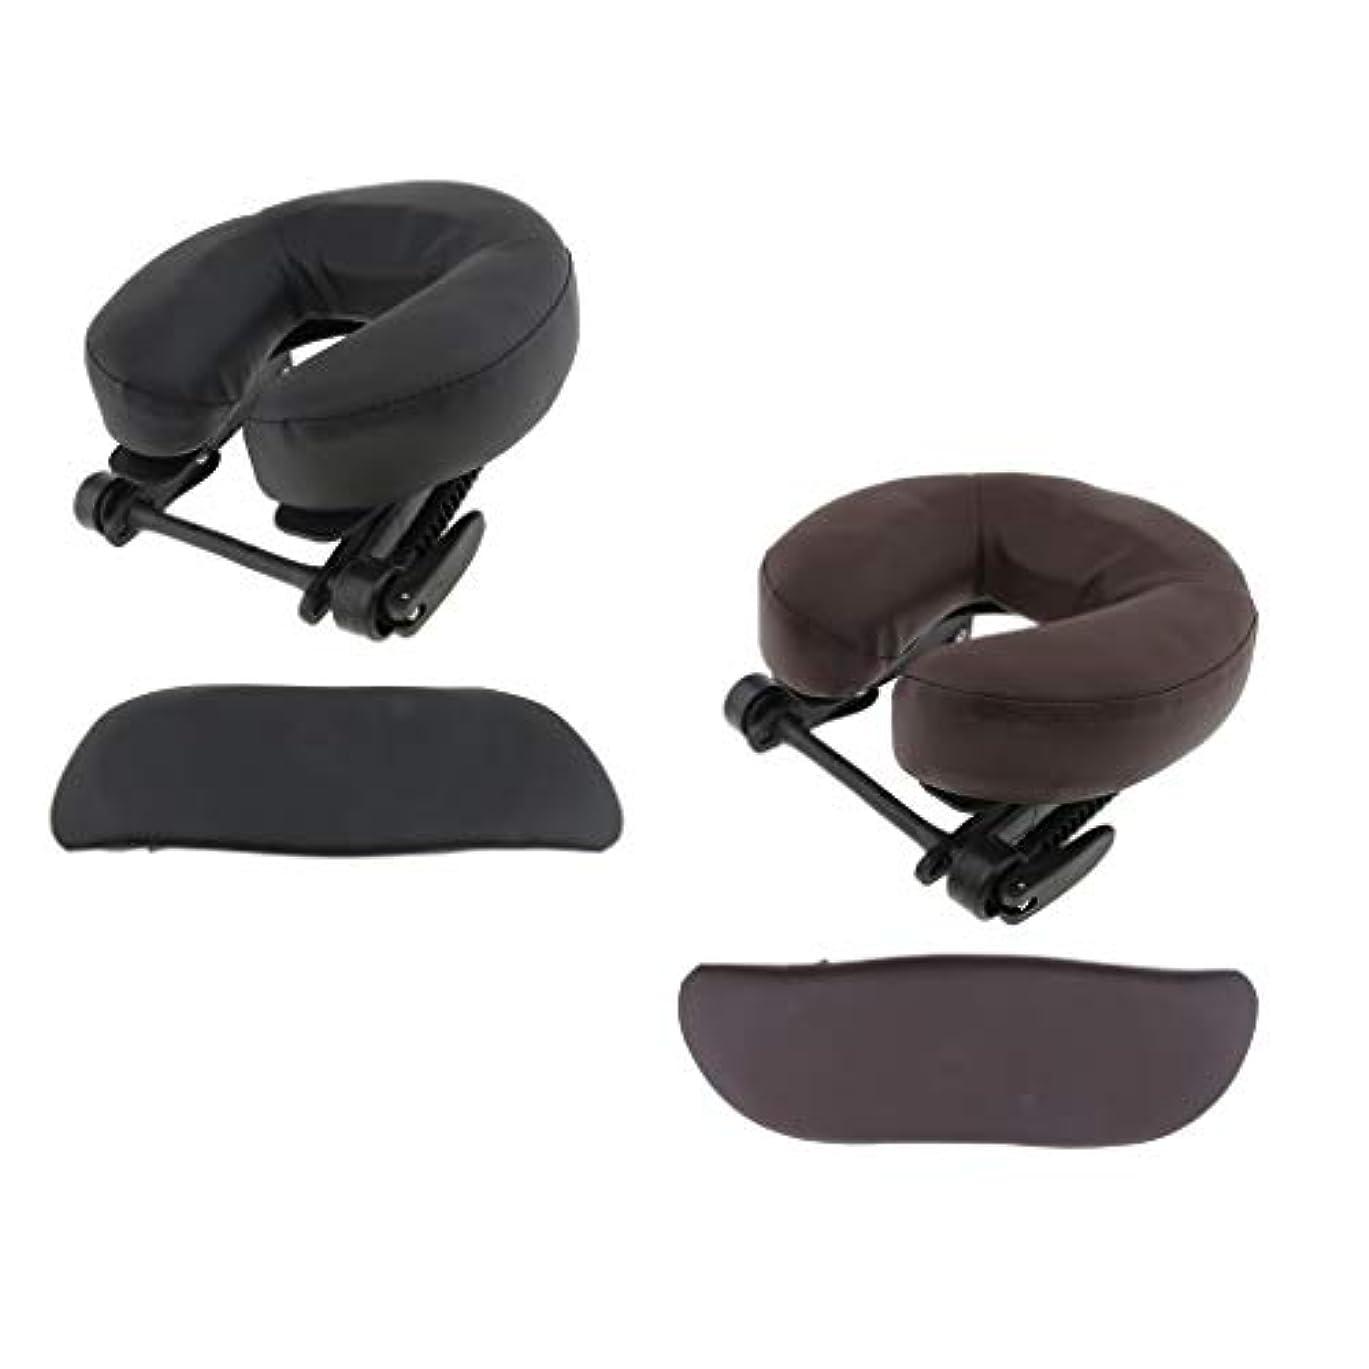 間接的プレゼン精緻化Hellery 顔枕 マッサージ用 ボディマッサージ フェイスピロー フェイスピロー 枕 フェイスクレードルクッション - ブラウン+ブラック